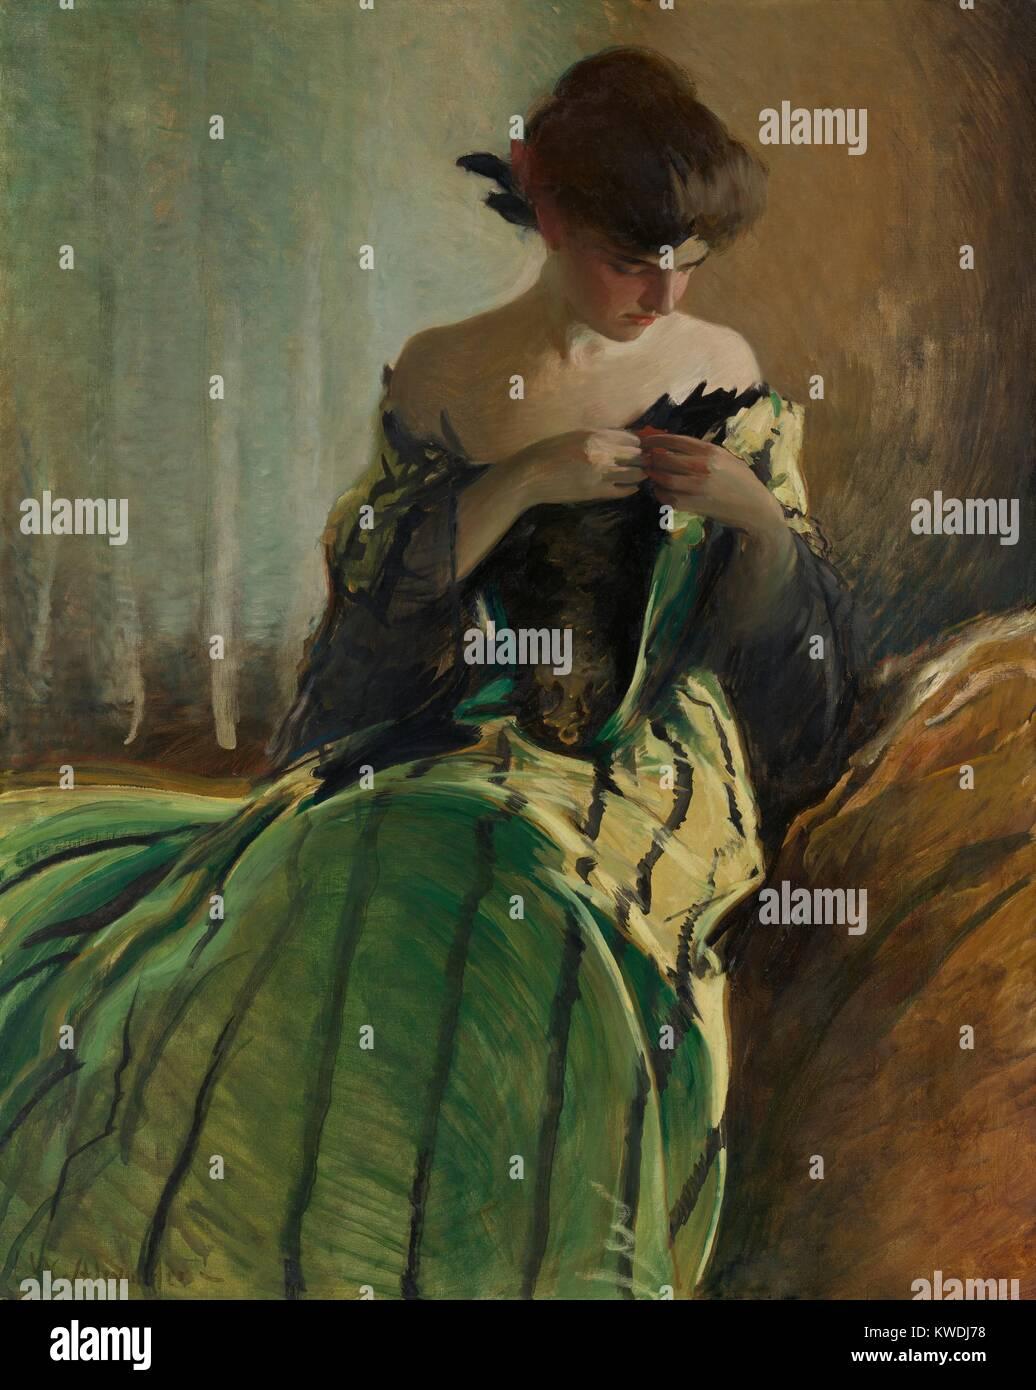 Étudier EN NOIR ET VERT, par John White Alexander, 1909, American peinture, huile sur toile. Une des jeunes femmes les bornes l'ornement de l'encolure basse de ses deux tons avec une robe de soirée jupe rayée. Elle porte ses cheveux coiffés tiré dans une BSLOC_2017 updo (_9_39) Banque D'Images